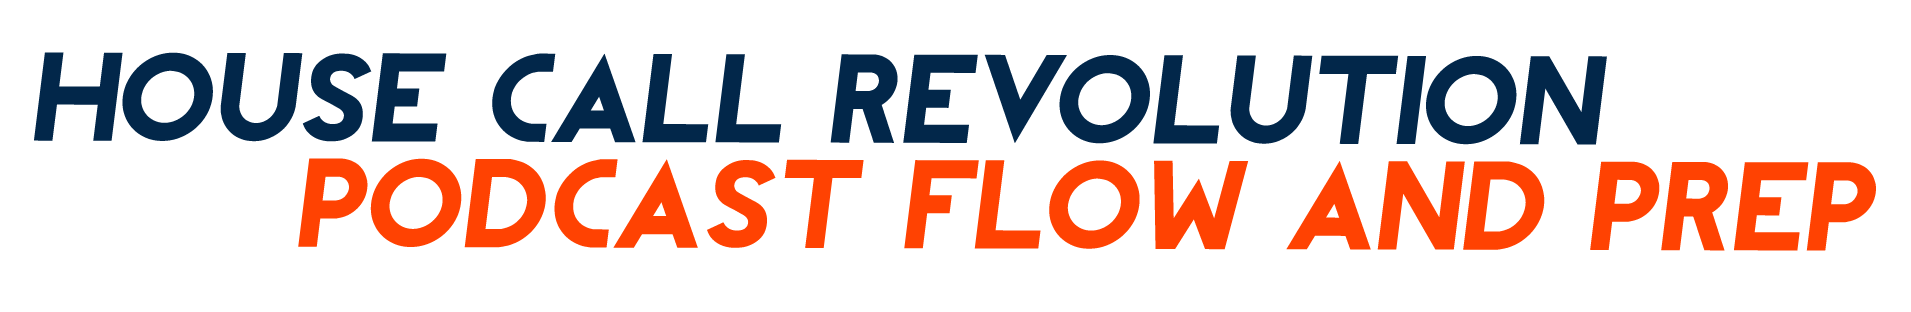 Podcast Flow Header